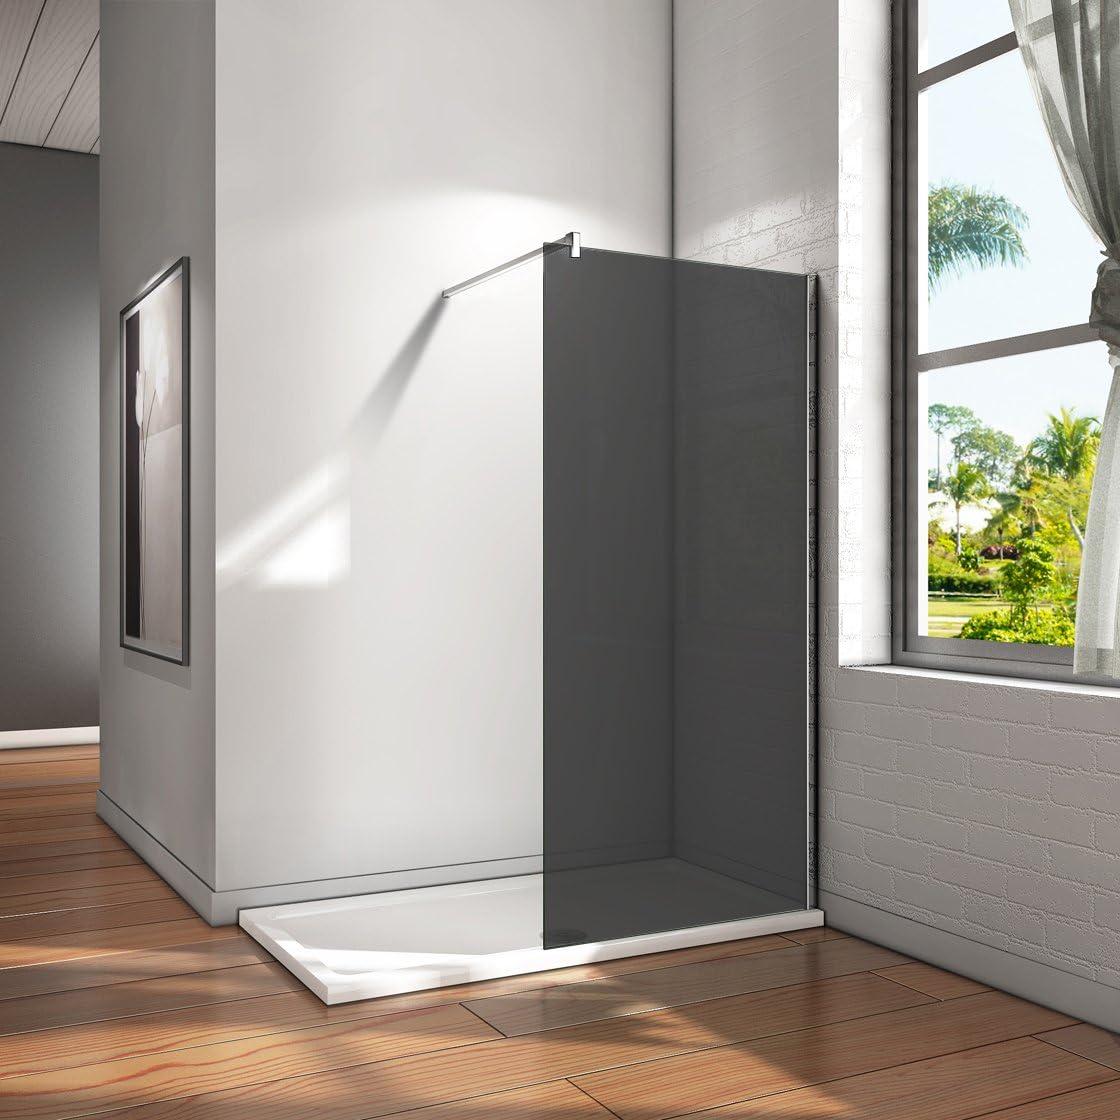 Ducha Pared Walk In ducha Mampara de cristal separador con barra de estabilización: Amazon.es: Bricolaje y herramientas